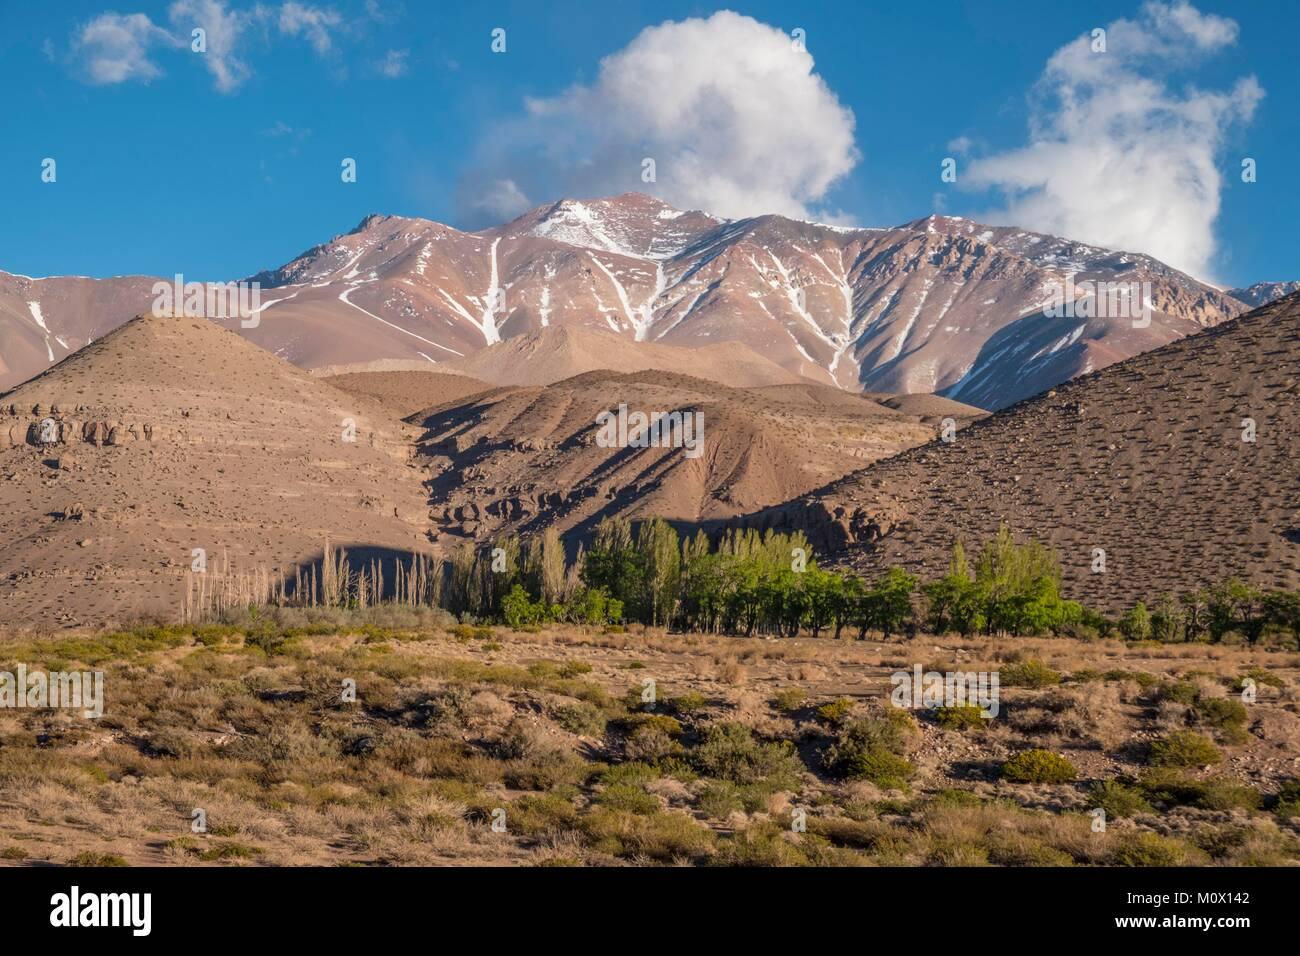 Argentina, Provincia de San Juan, Barreal,Rio de Los Patos valley Imagen De Stock